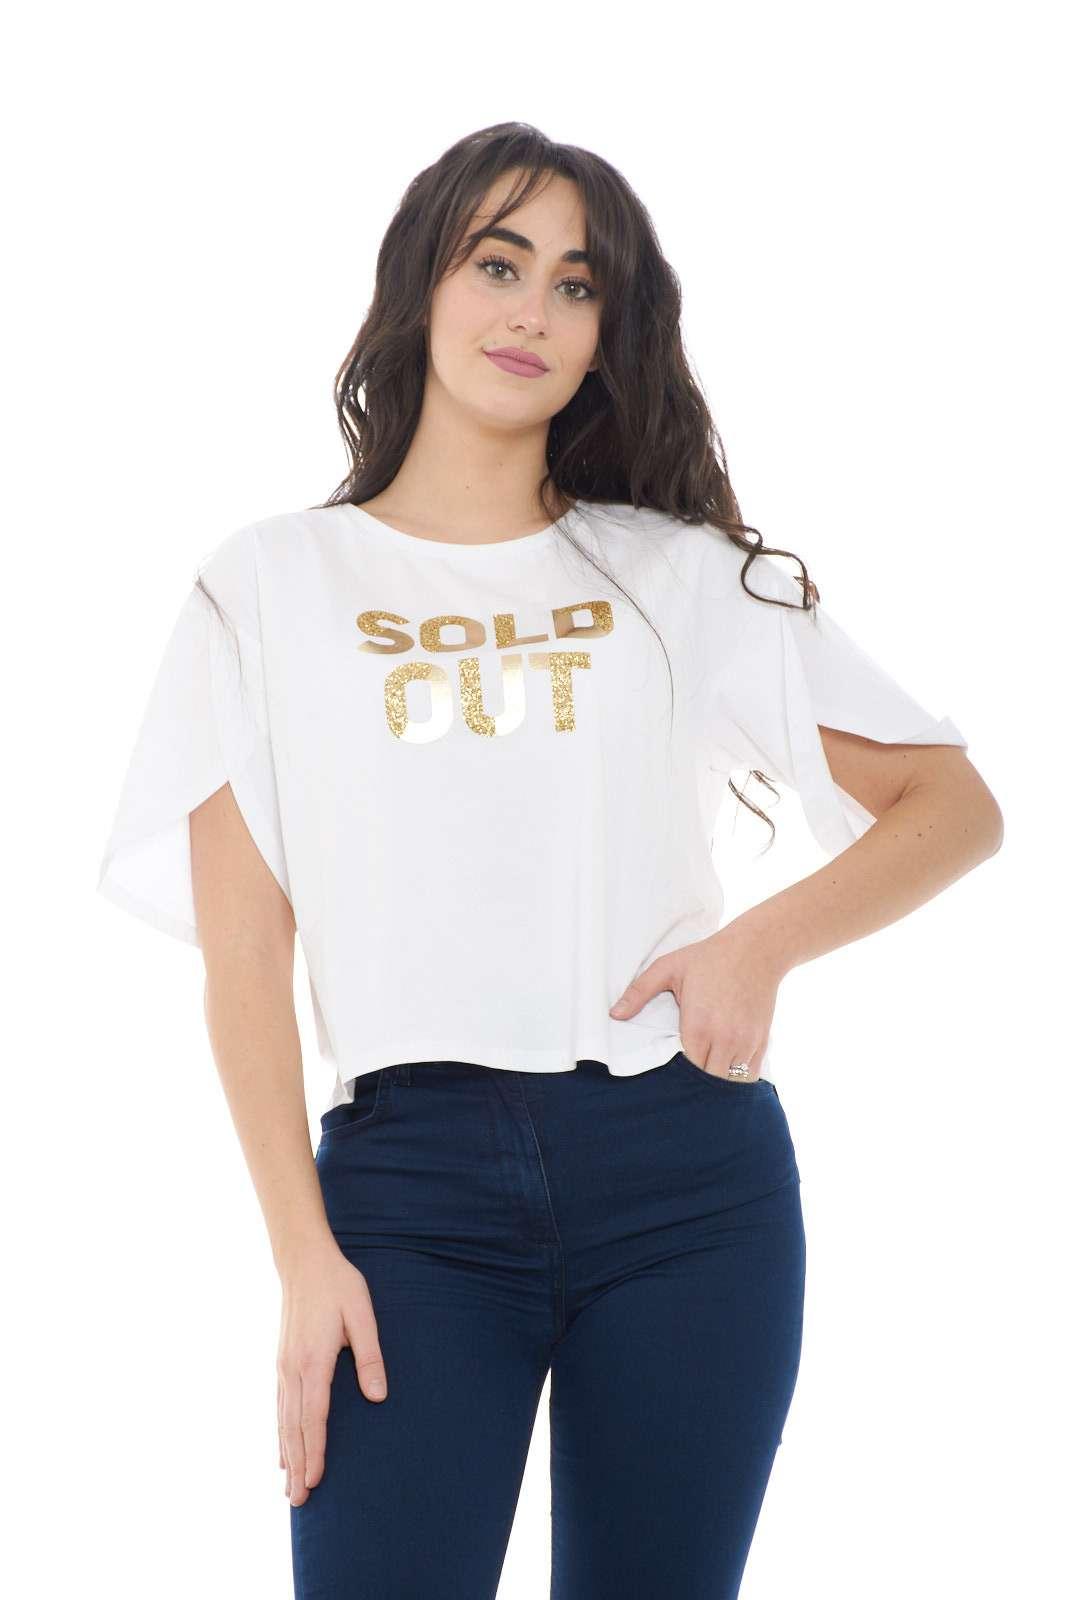 Una T shirt dalla vestibilità oversize per la collezione donna Liu Jo Sport.  La stampa con glitter e lurex la rende elegante e ricercata.  Un capo da street style perfetto sia con pantaloni sportivi che con un semplice paio di jeans.